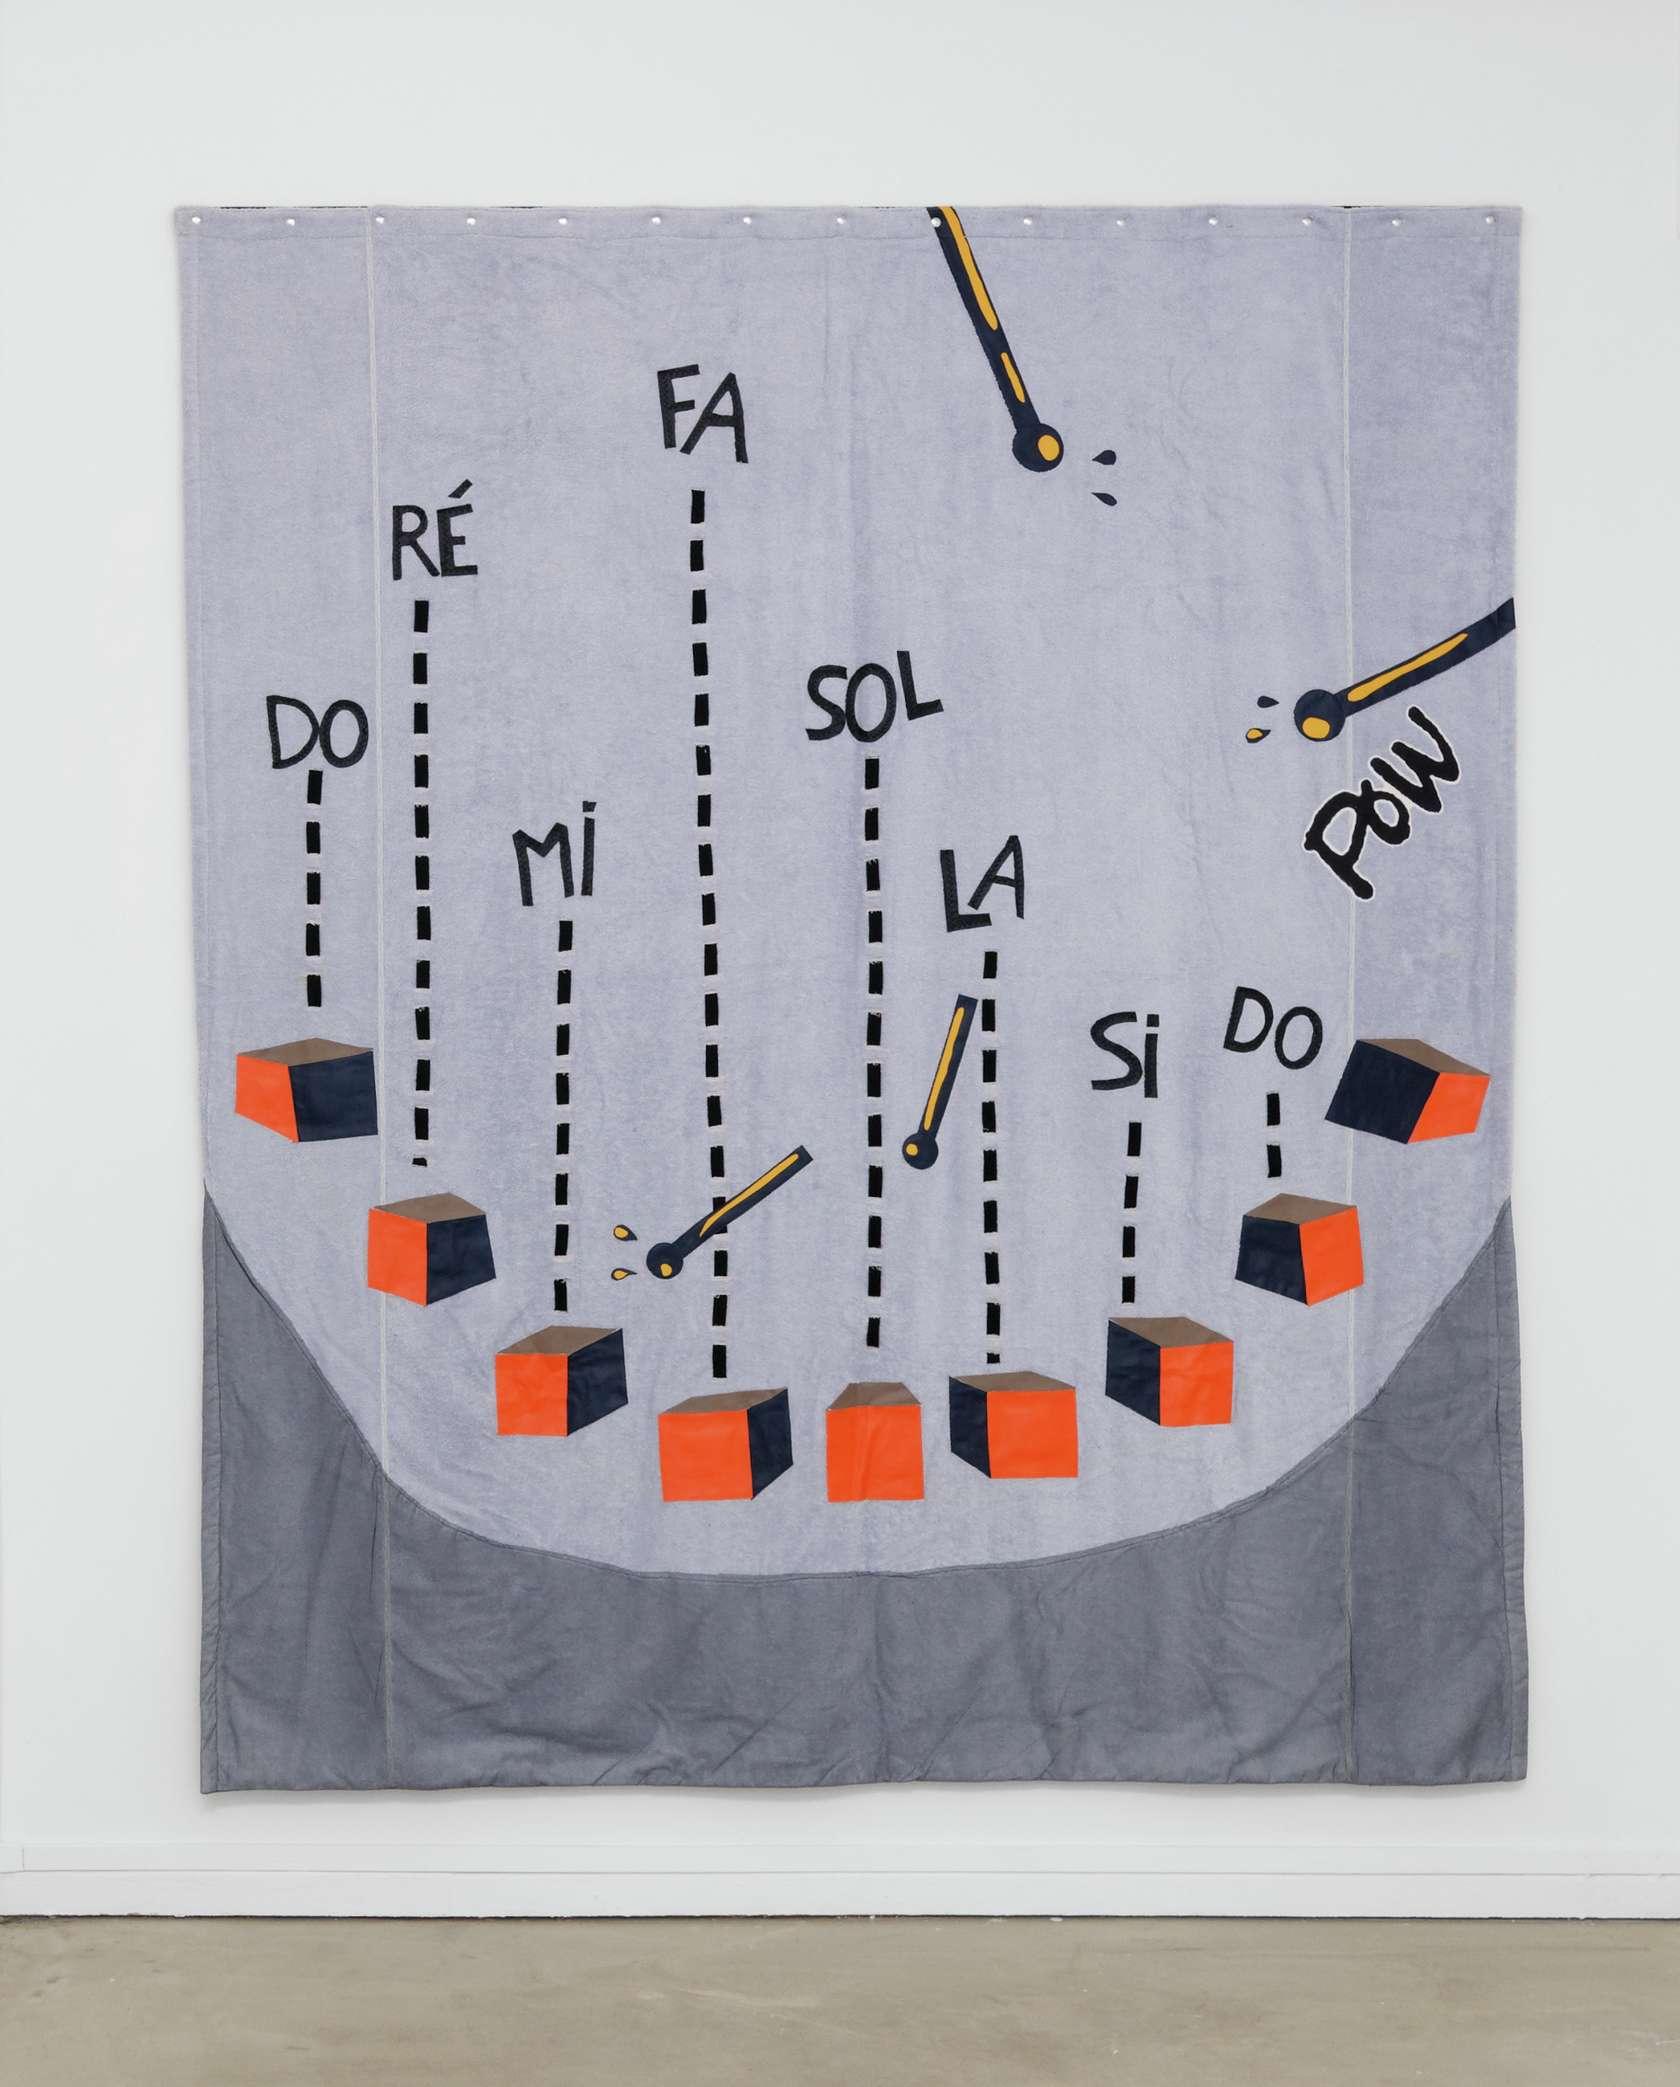 Hippolyte Hentgen, B-R-E-E-K, 2018 Assemblage de tissus cousus250 x 214 cm / 98 3/8 x 84 1/4 inches